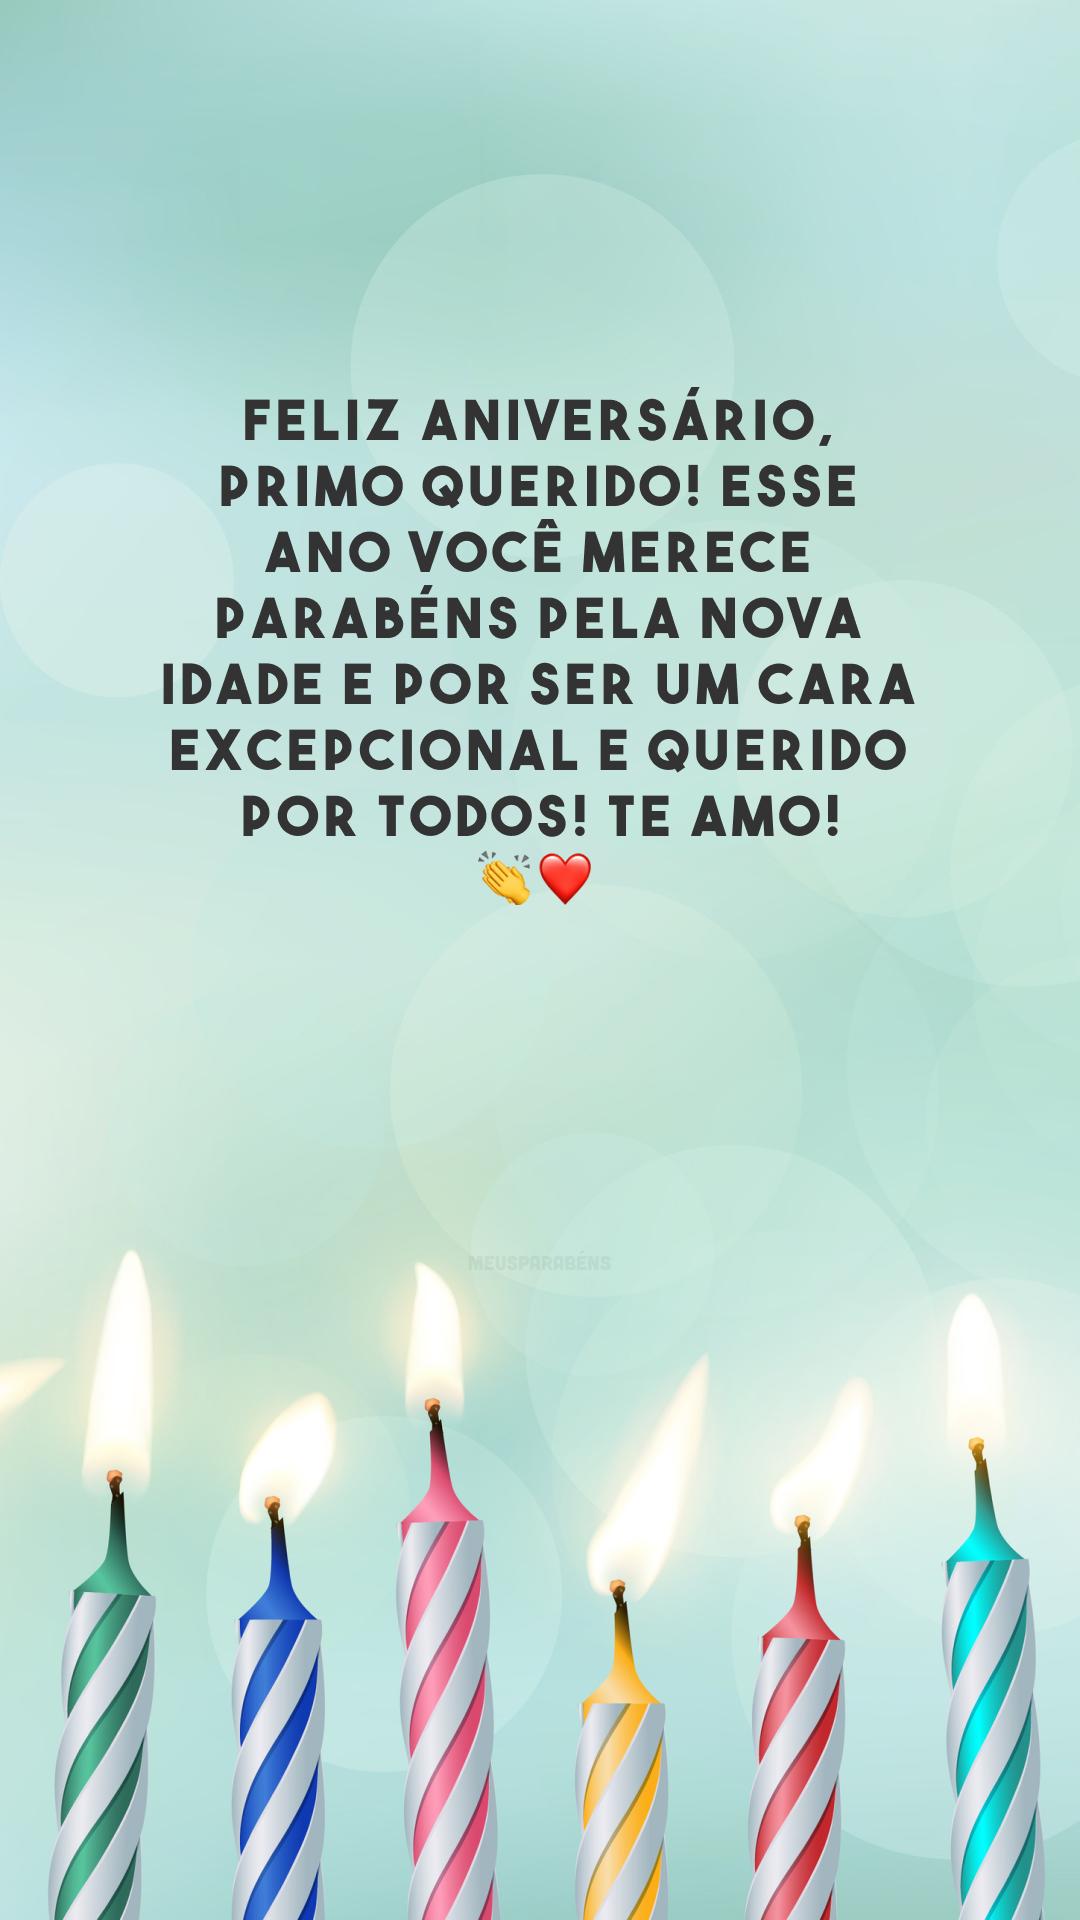 Feliz aniversário, primo querido! Esse ano você merece parabéns pela nova idade e por ser um cara excepcional e querido por todos! Te amo! 👏❤️